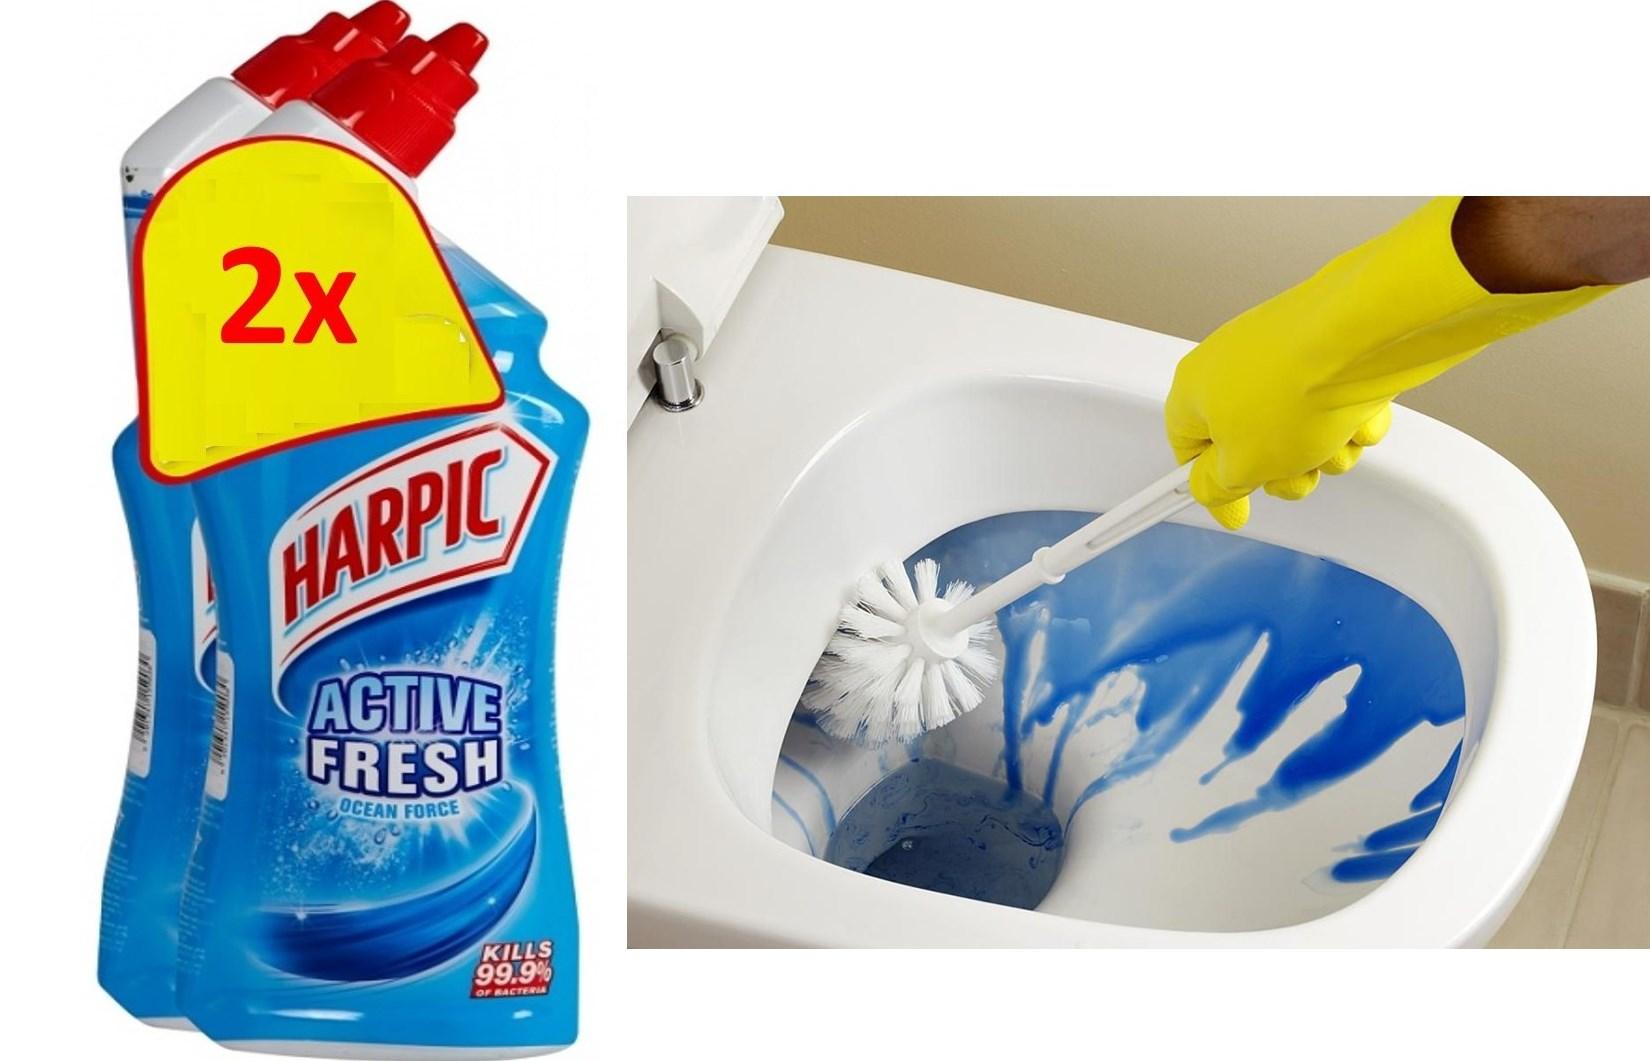 HARPIC Υγρό Καθαρισμού Τουαλέτας Θαλάσσια Φρεσκάδα. 3€ από 7€ για 2 συσκευασίες 750ml! H Καλύτερη τιμή της αγοράς!